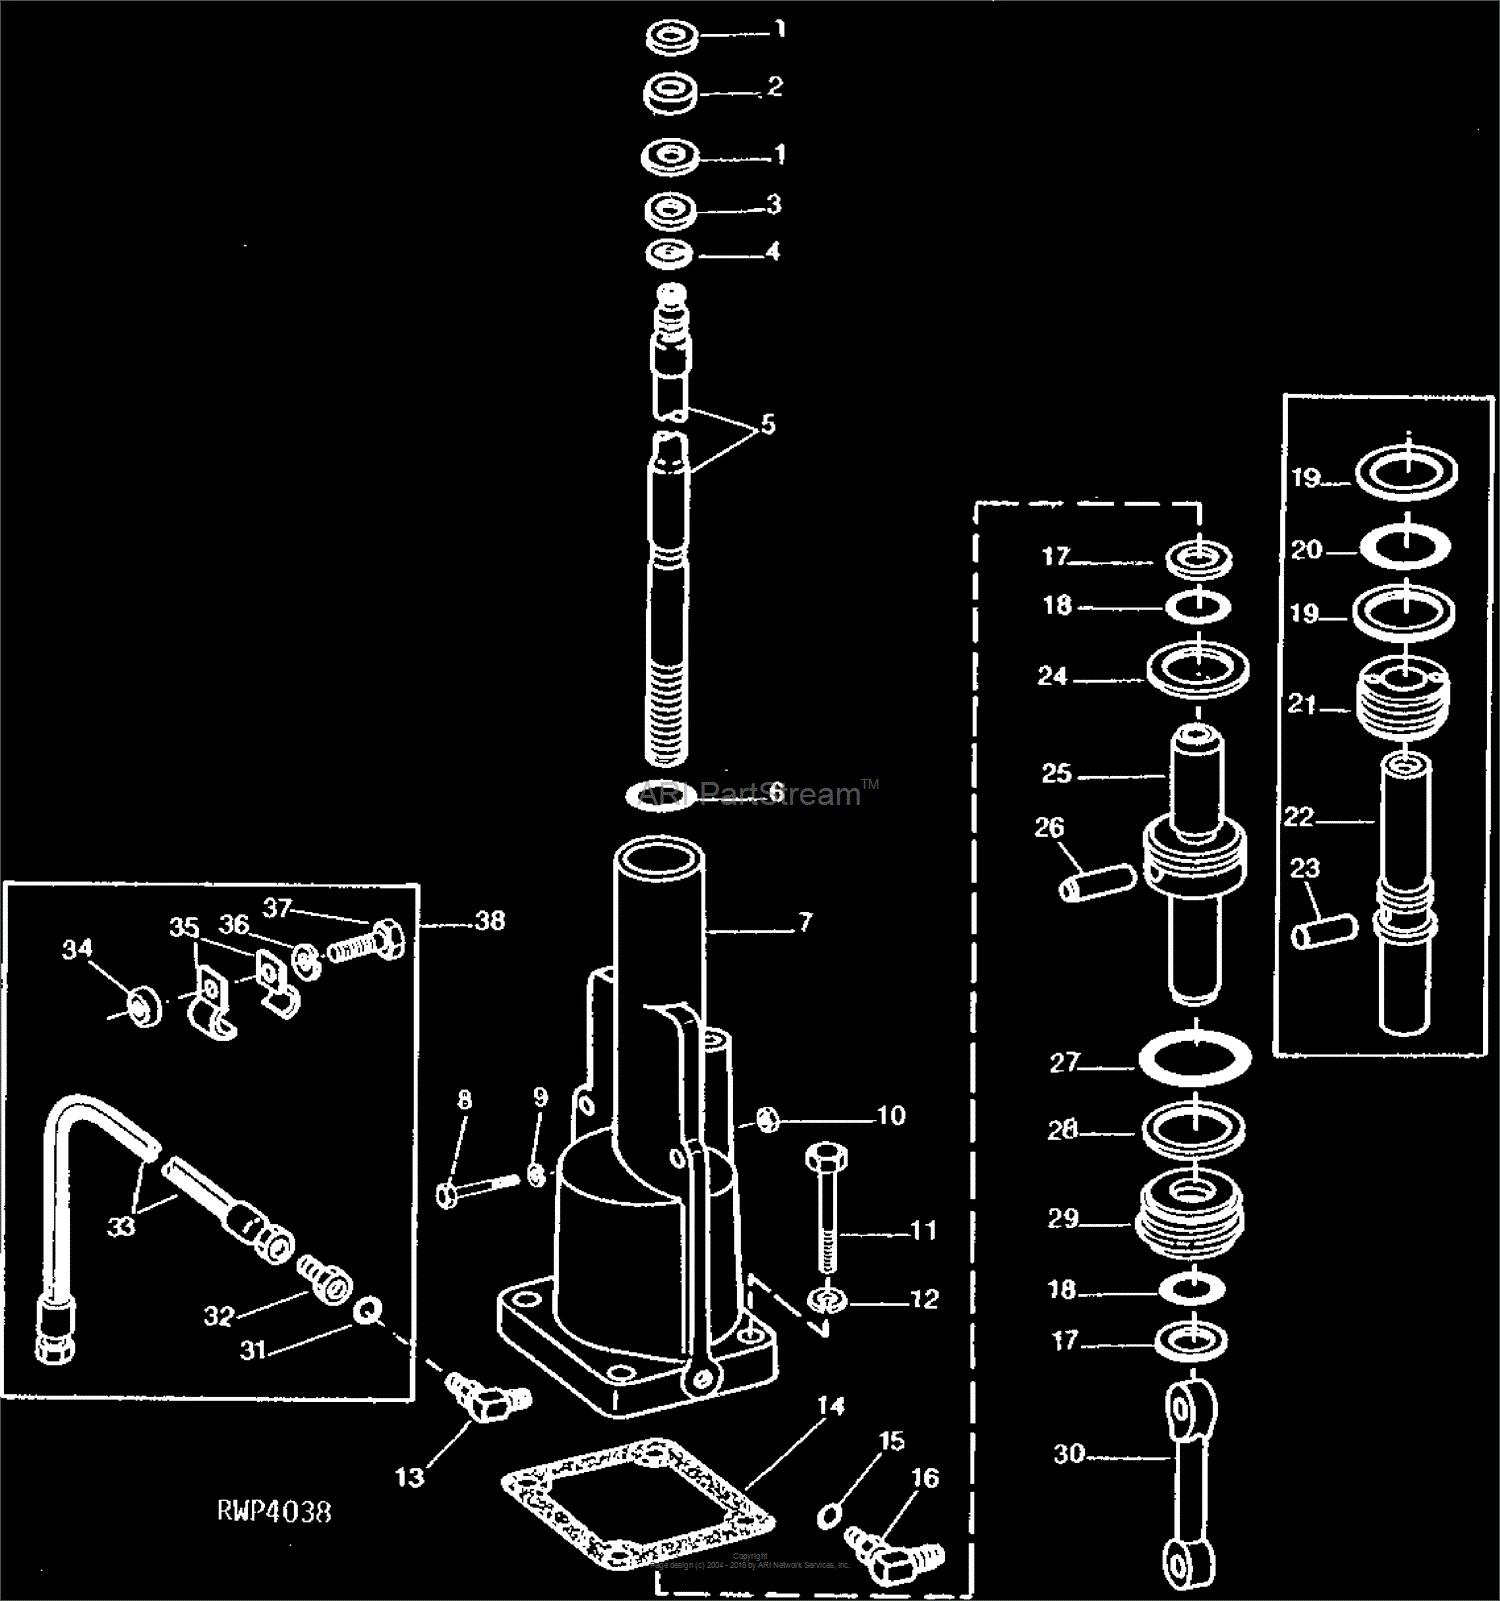 Power Steering Pump Parts Diagram John Deere Parts Diagrams John Deere 2030 Tractor Pc1289 Power Of Power Steering Pump Parts Diagram